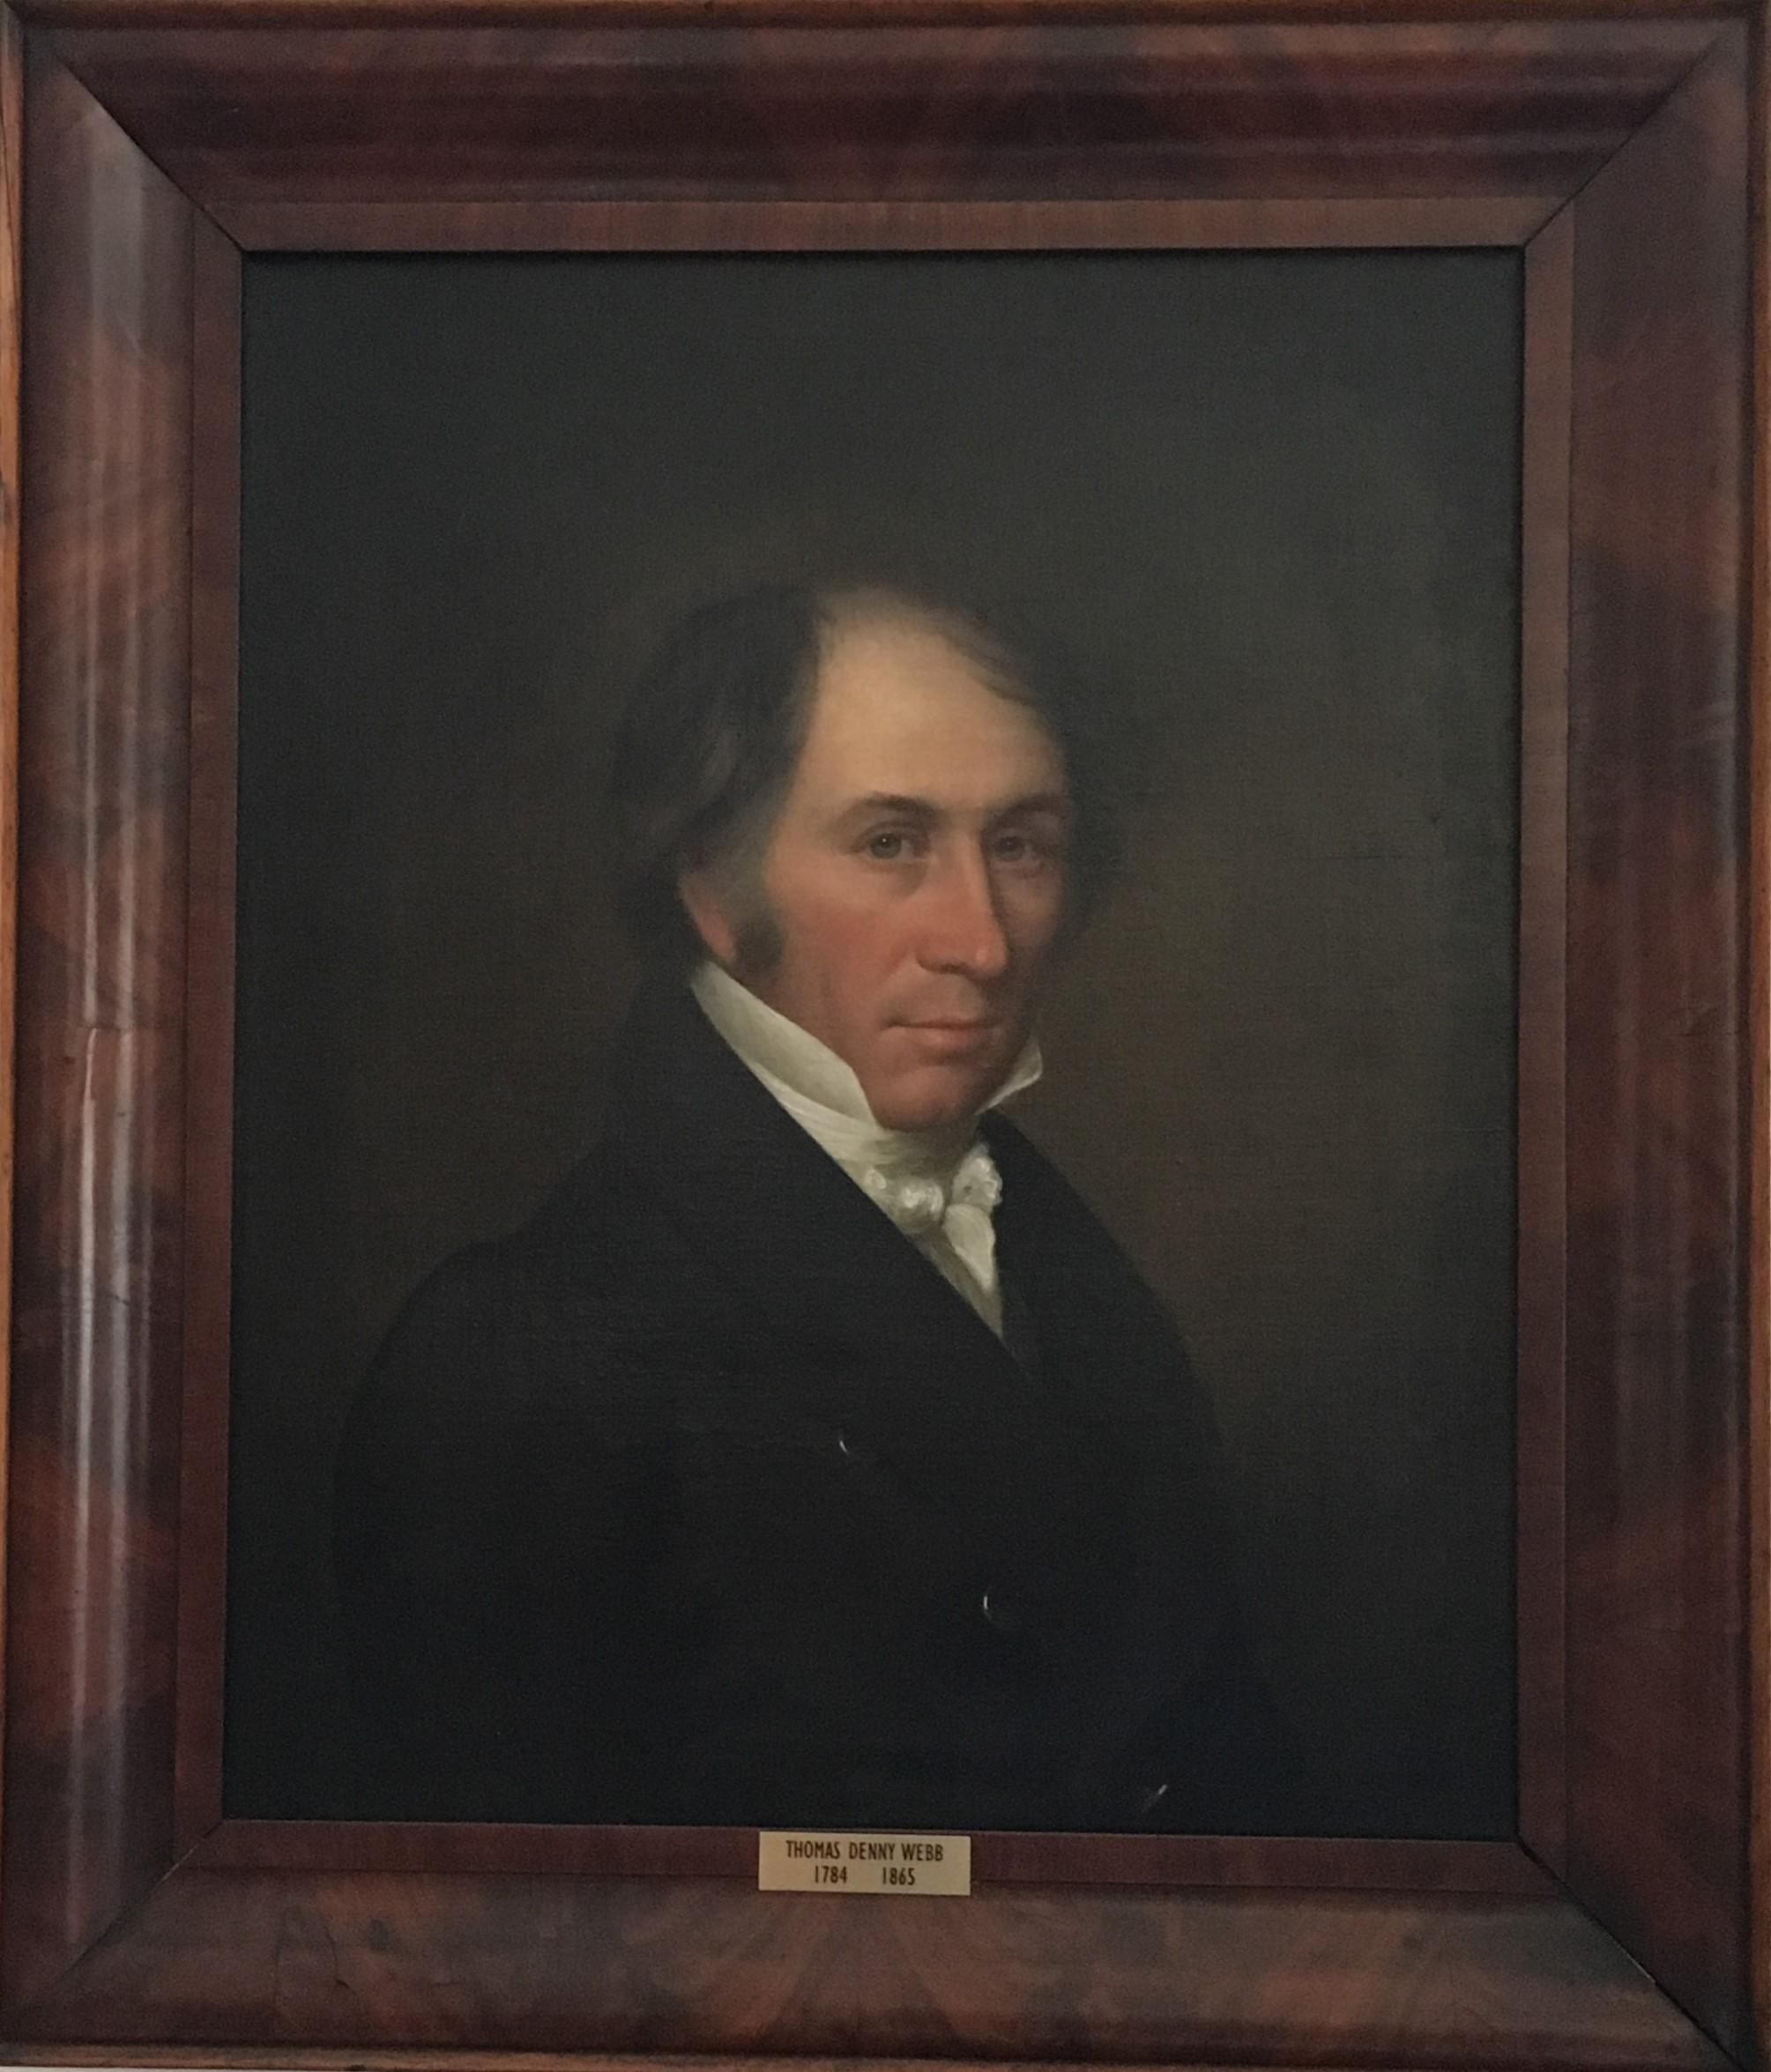 Portrait of Thomas Denny Webb